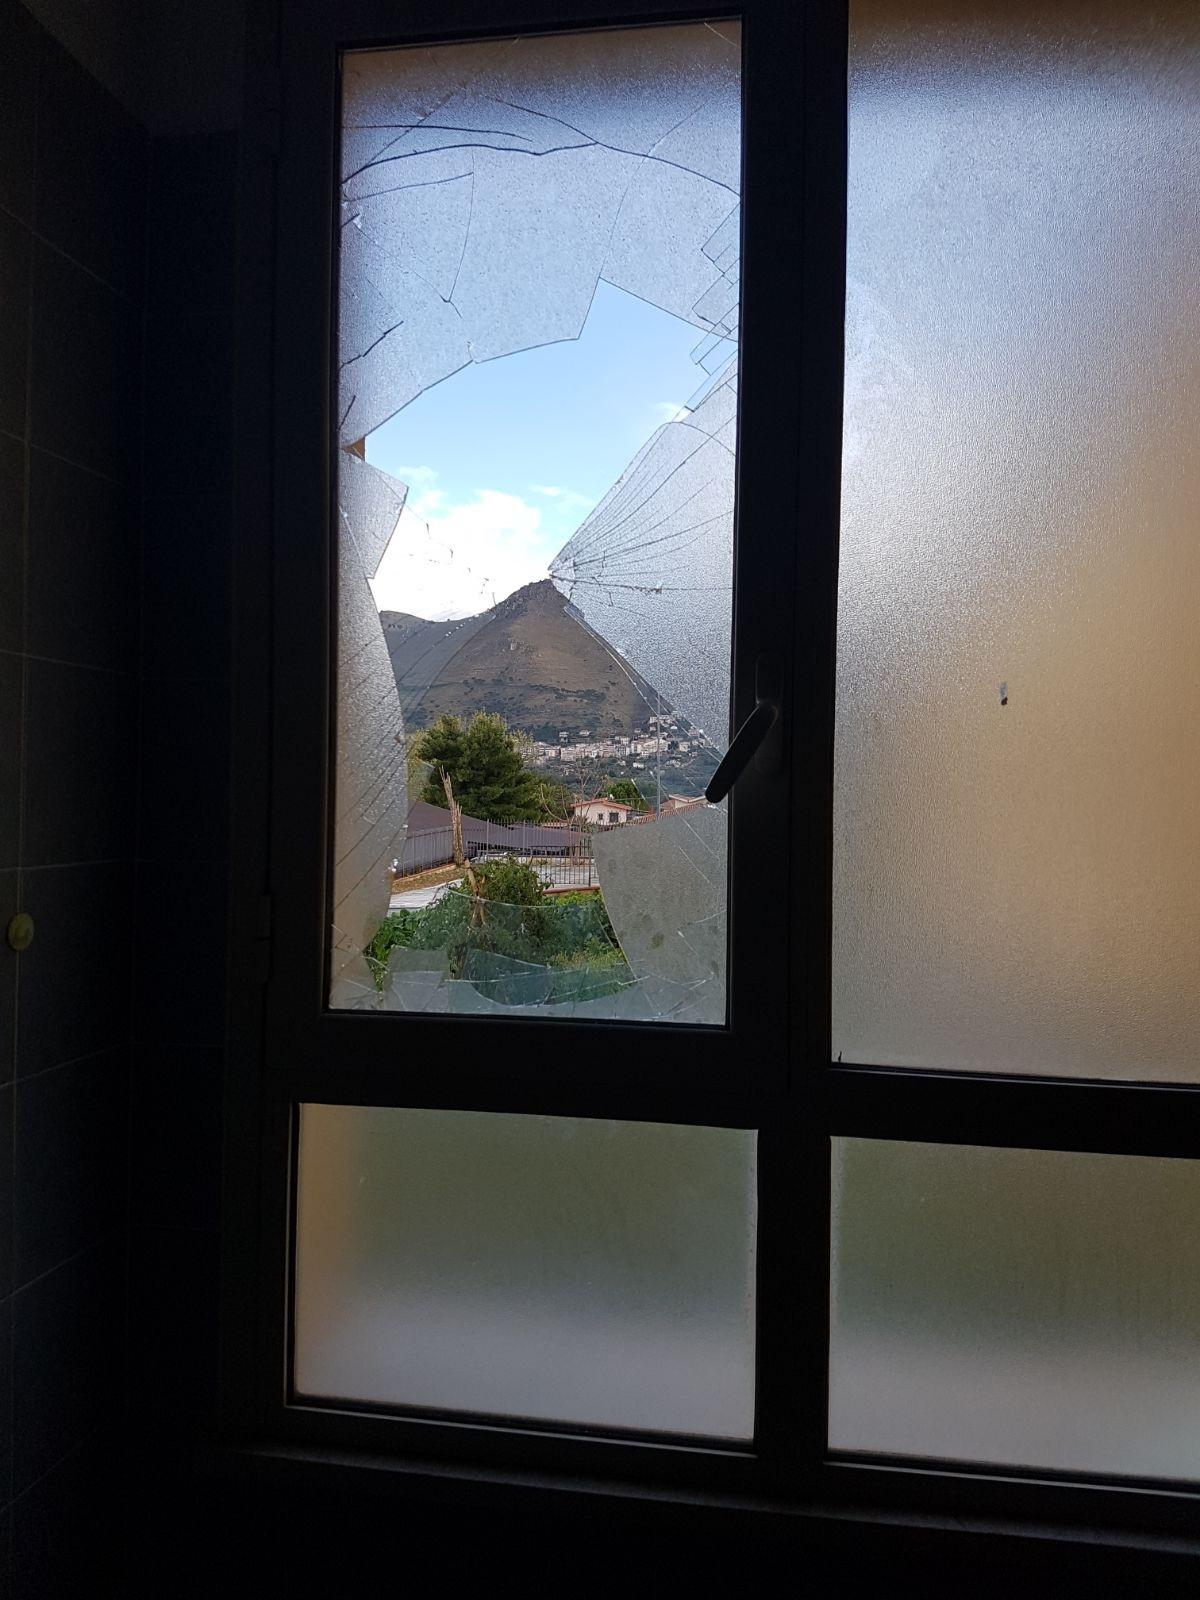 Aquino furto alla scuola veneziano rubati diciassette computer live sicilia - La finestra rotta ...